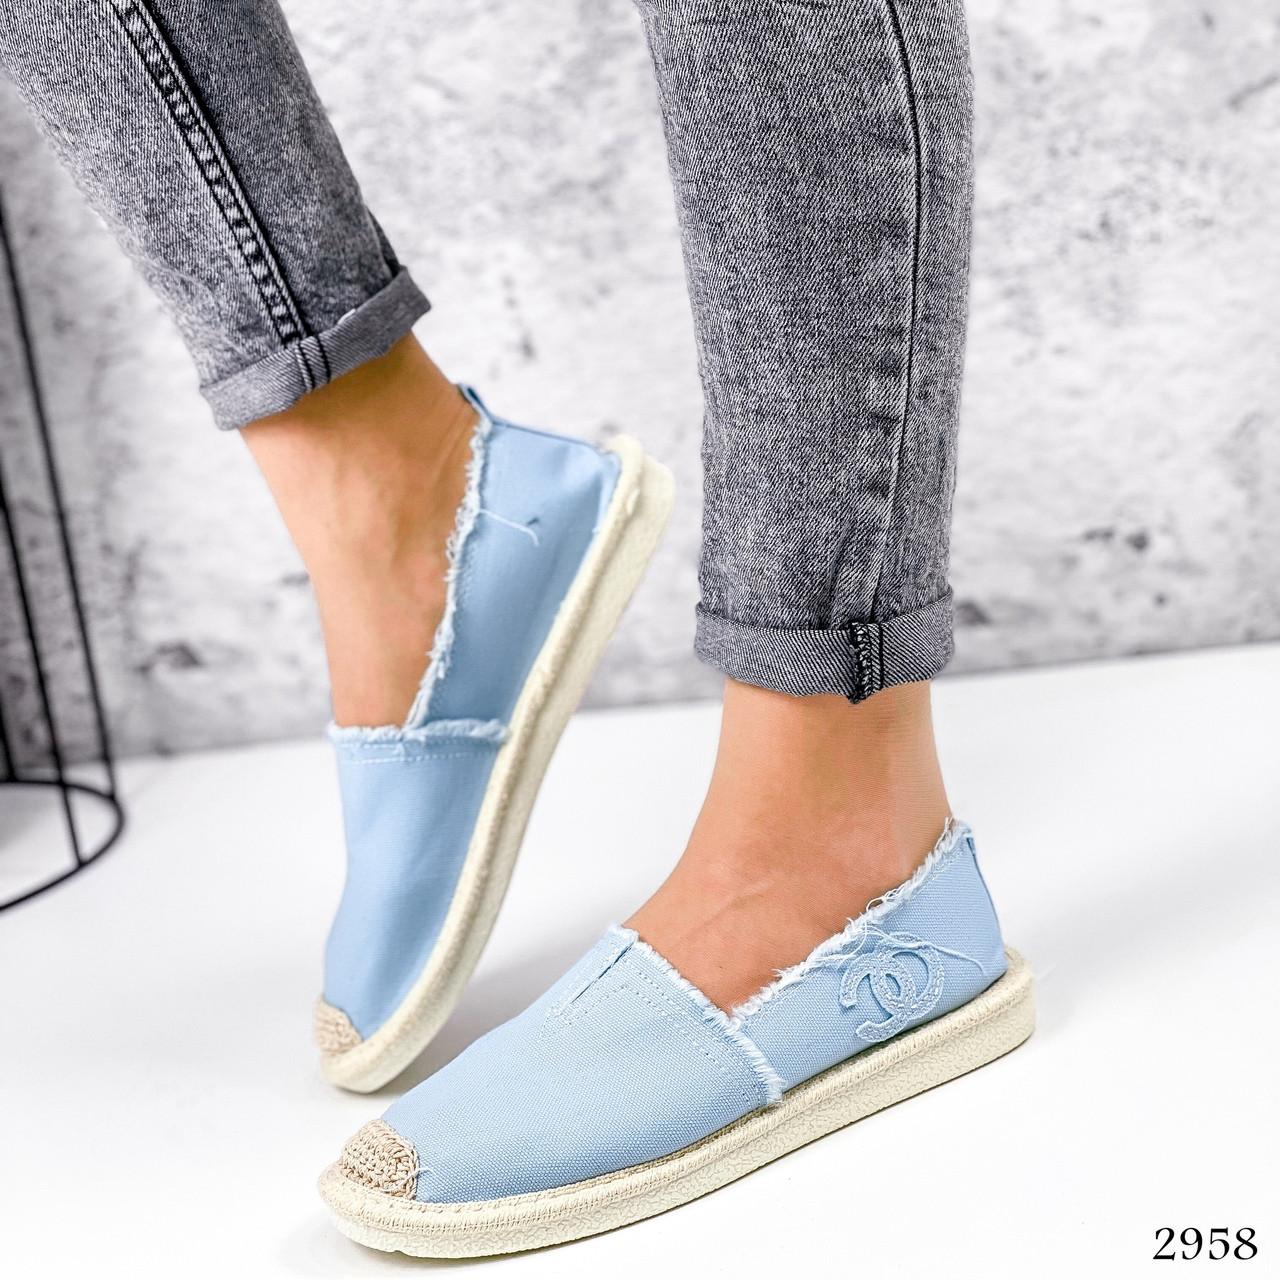 Женские голубые эспадрильи, обувной текстиль